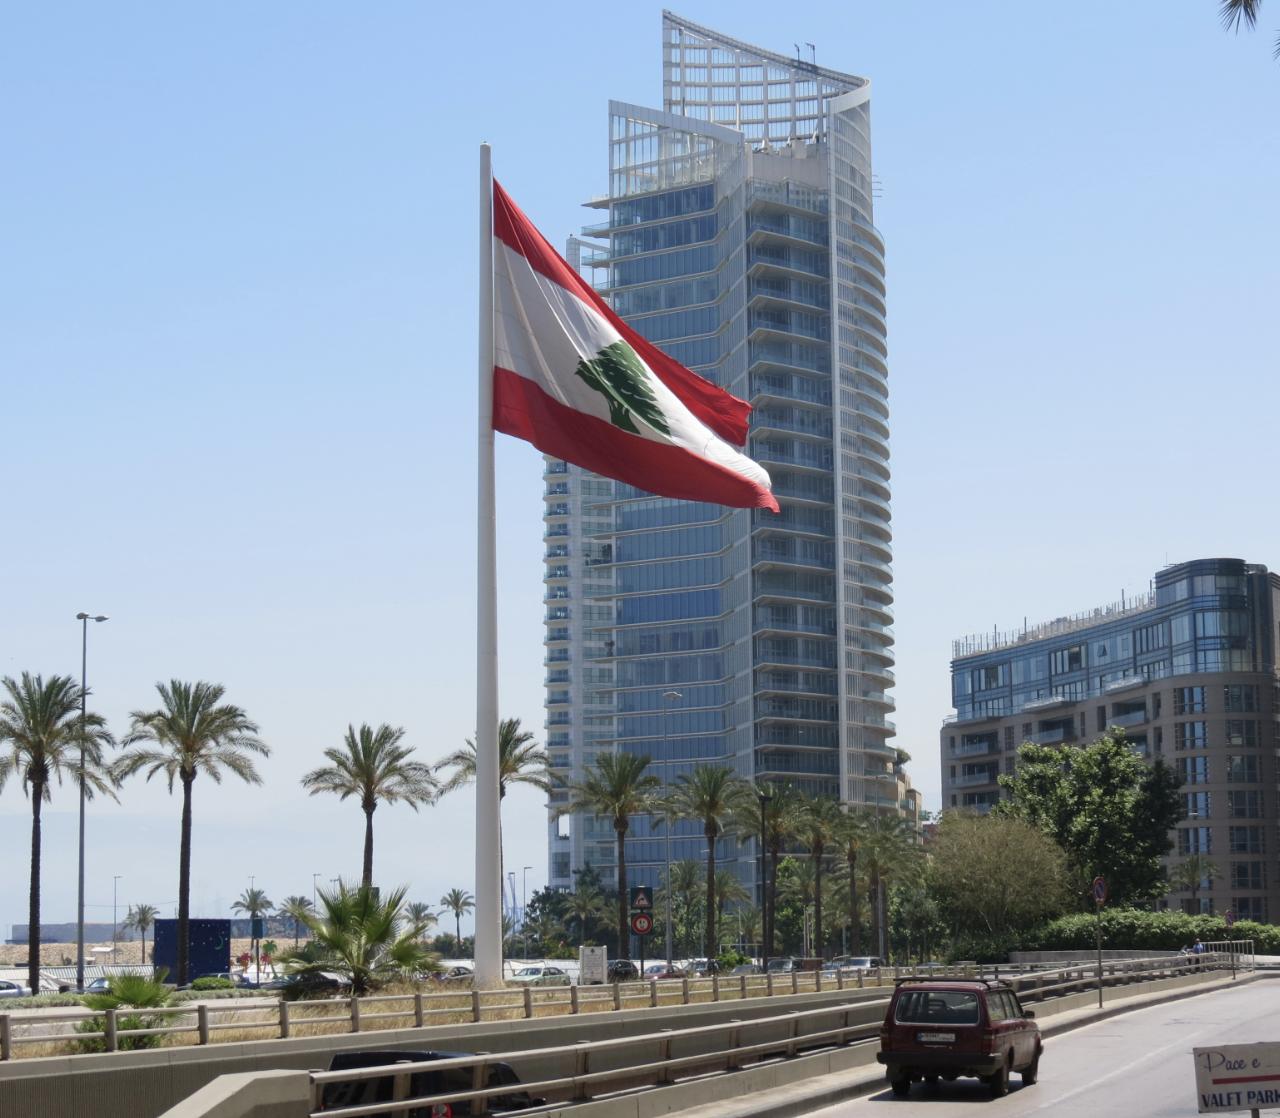 La crise que connaît le Liban dans le Top 3 des pires crises mondiales depuis le milieu du 20e siècle ?